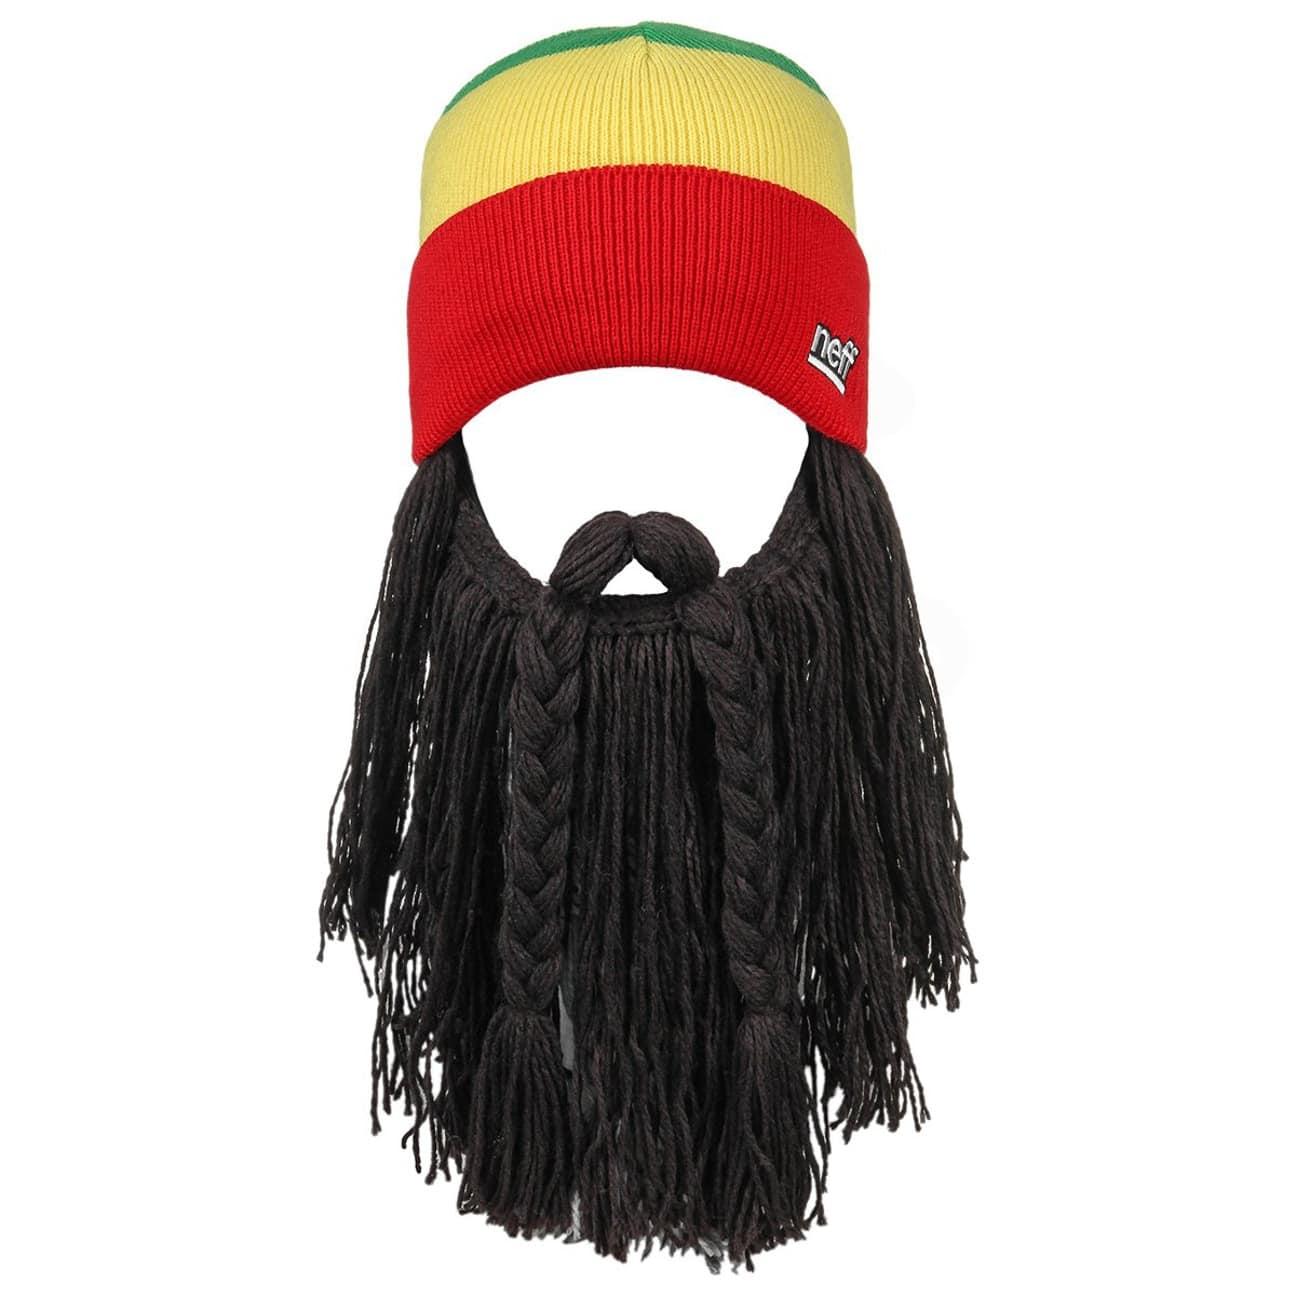 fe1affdf5 Rasta Bunyan Knit Hat with Cuff by neff